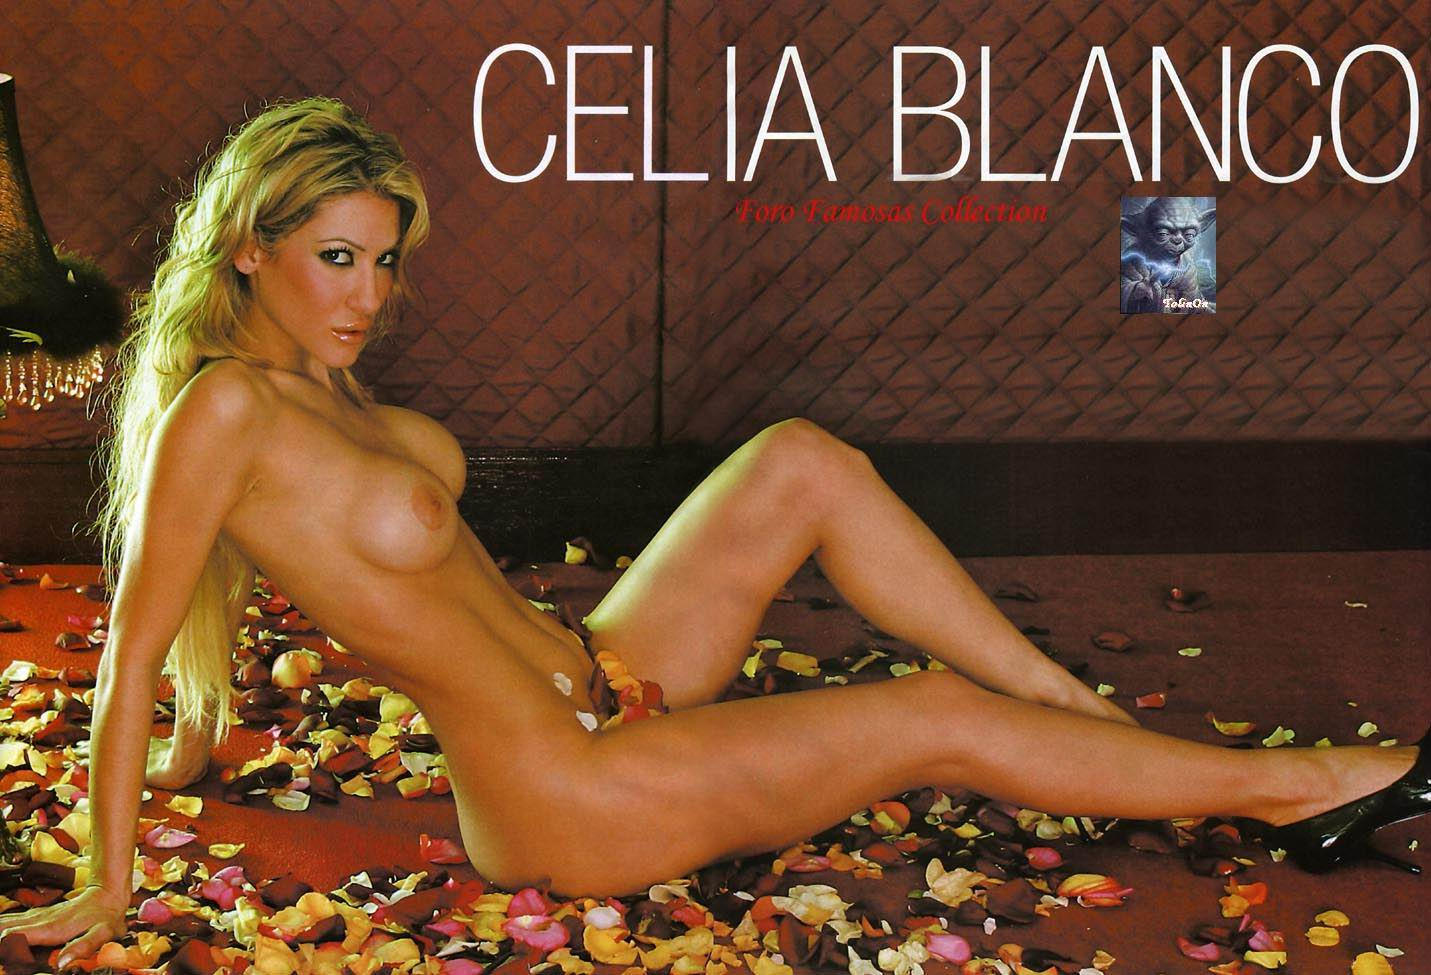 actriz blanco celia porn Celia Blanco - Boobpedia - Encyclopedia of big boobs.